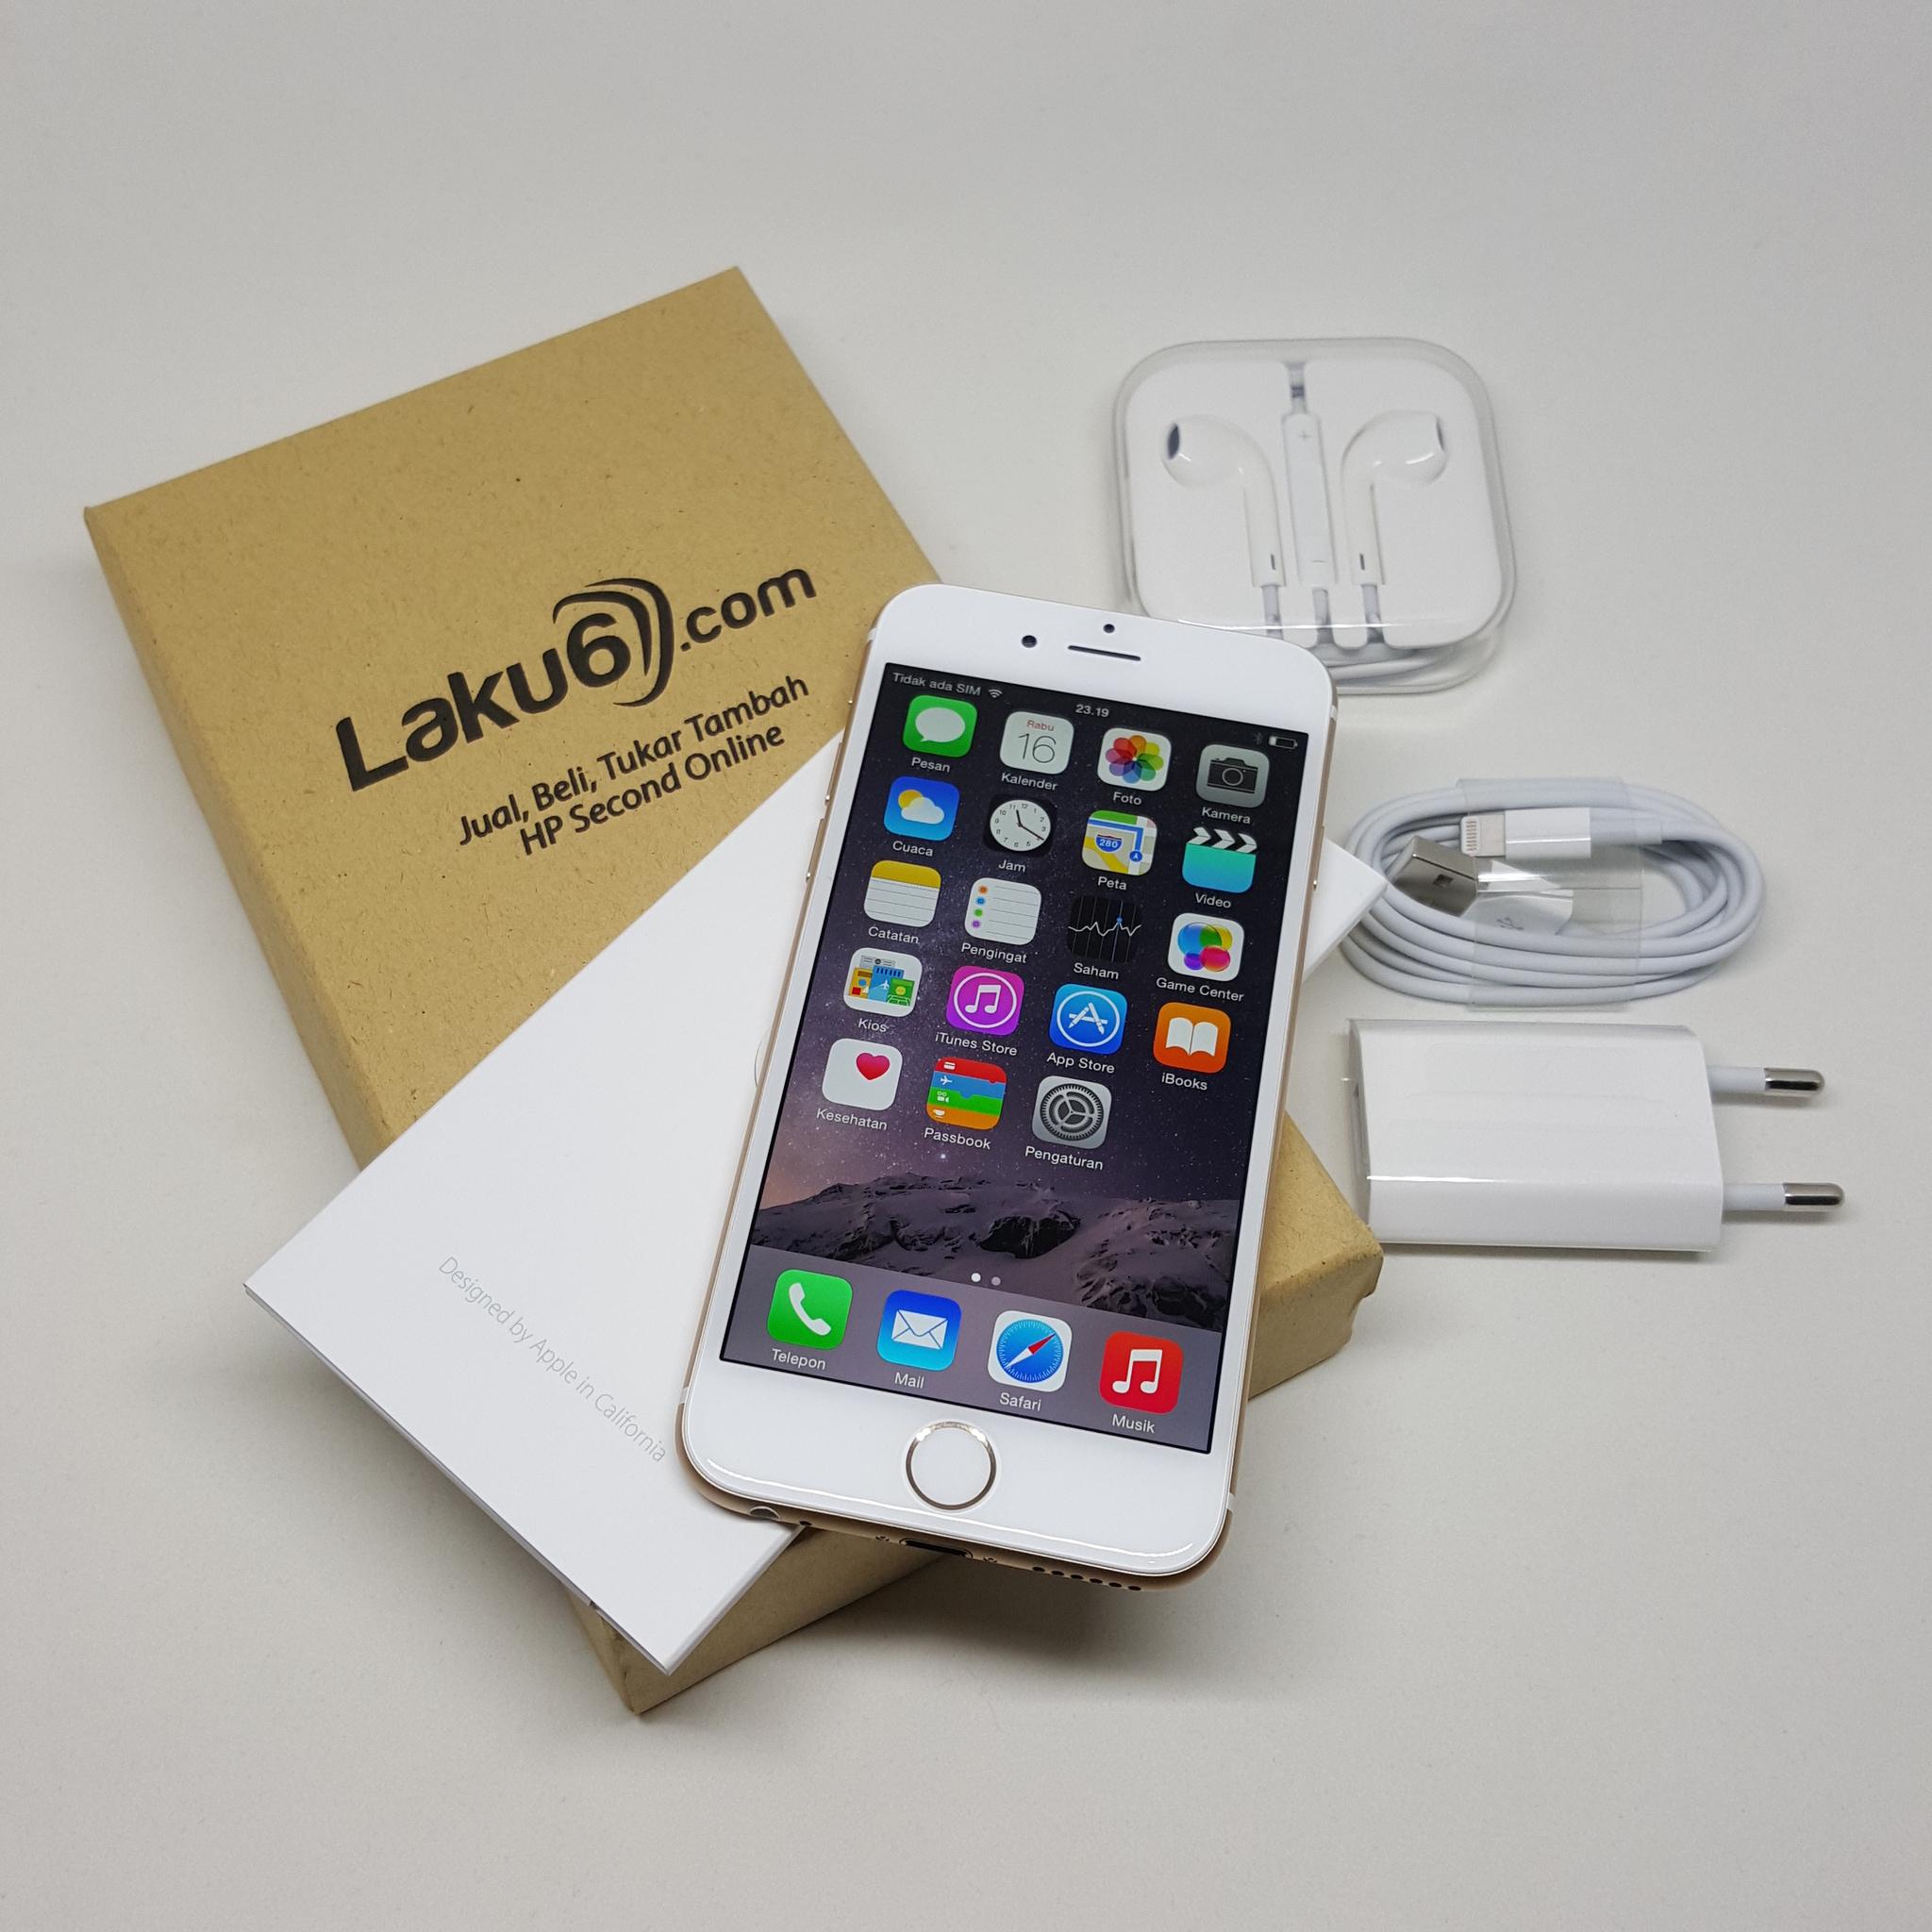 Jual Apple Iphone 6 128GB Bekas Bagus Asli Murah Laku6